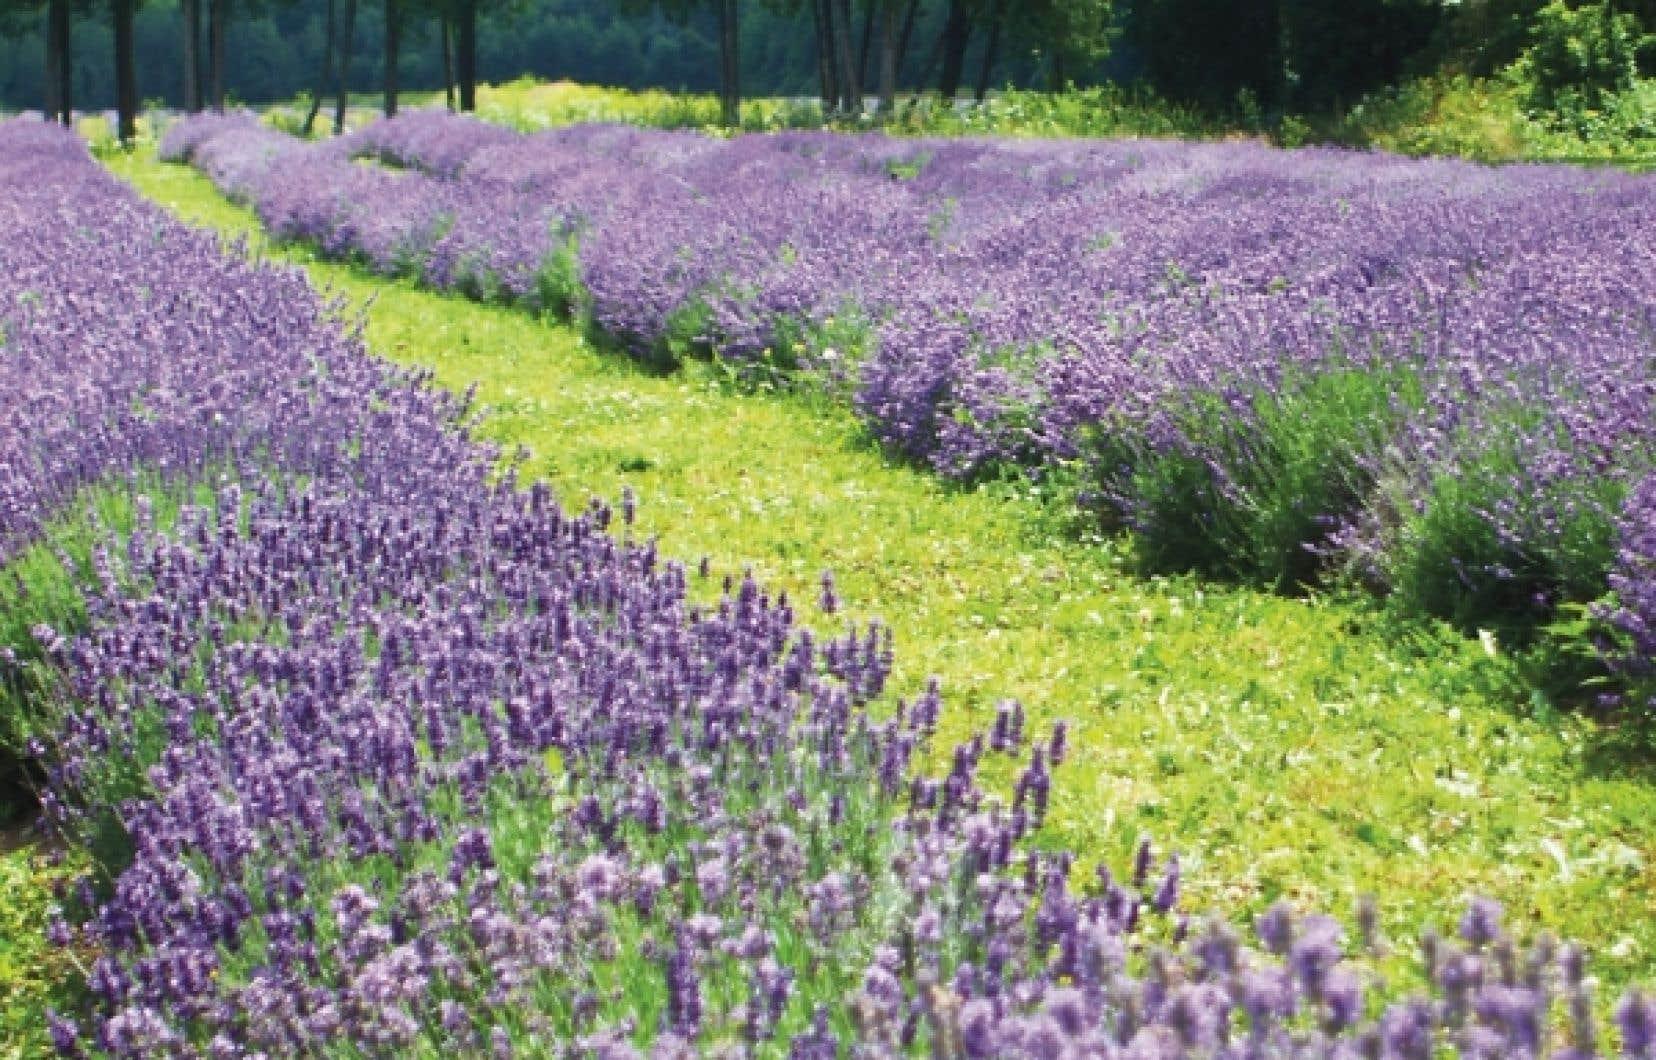 Un champ de lavande en fleurs : à voir au moins une fois dans sa vie. Tout simplement envoûtant !